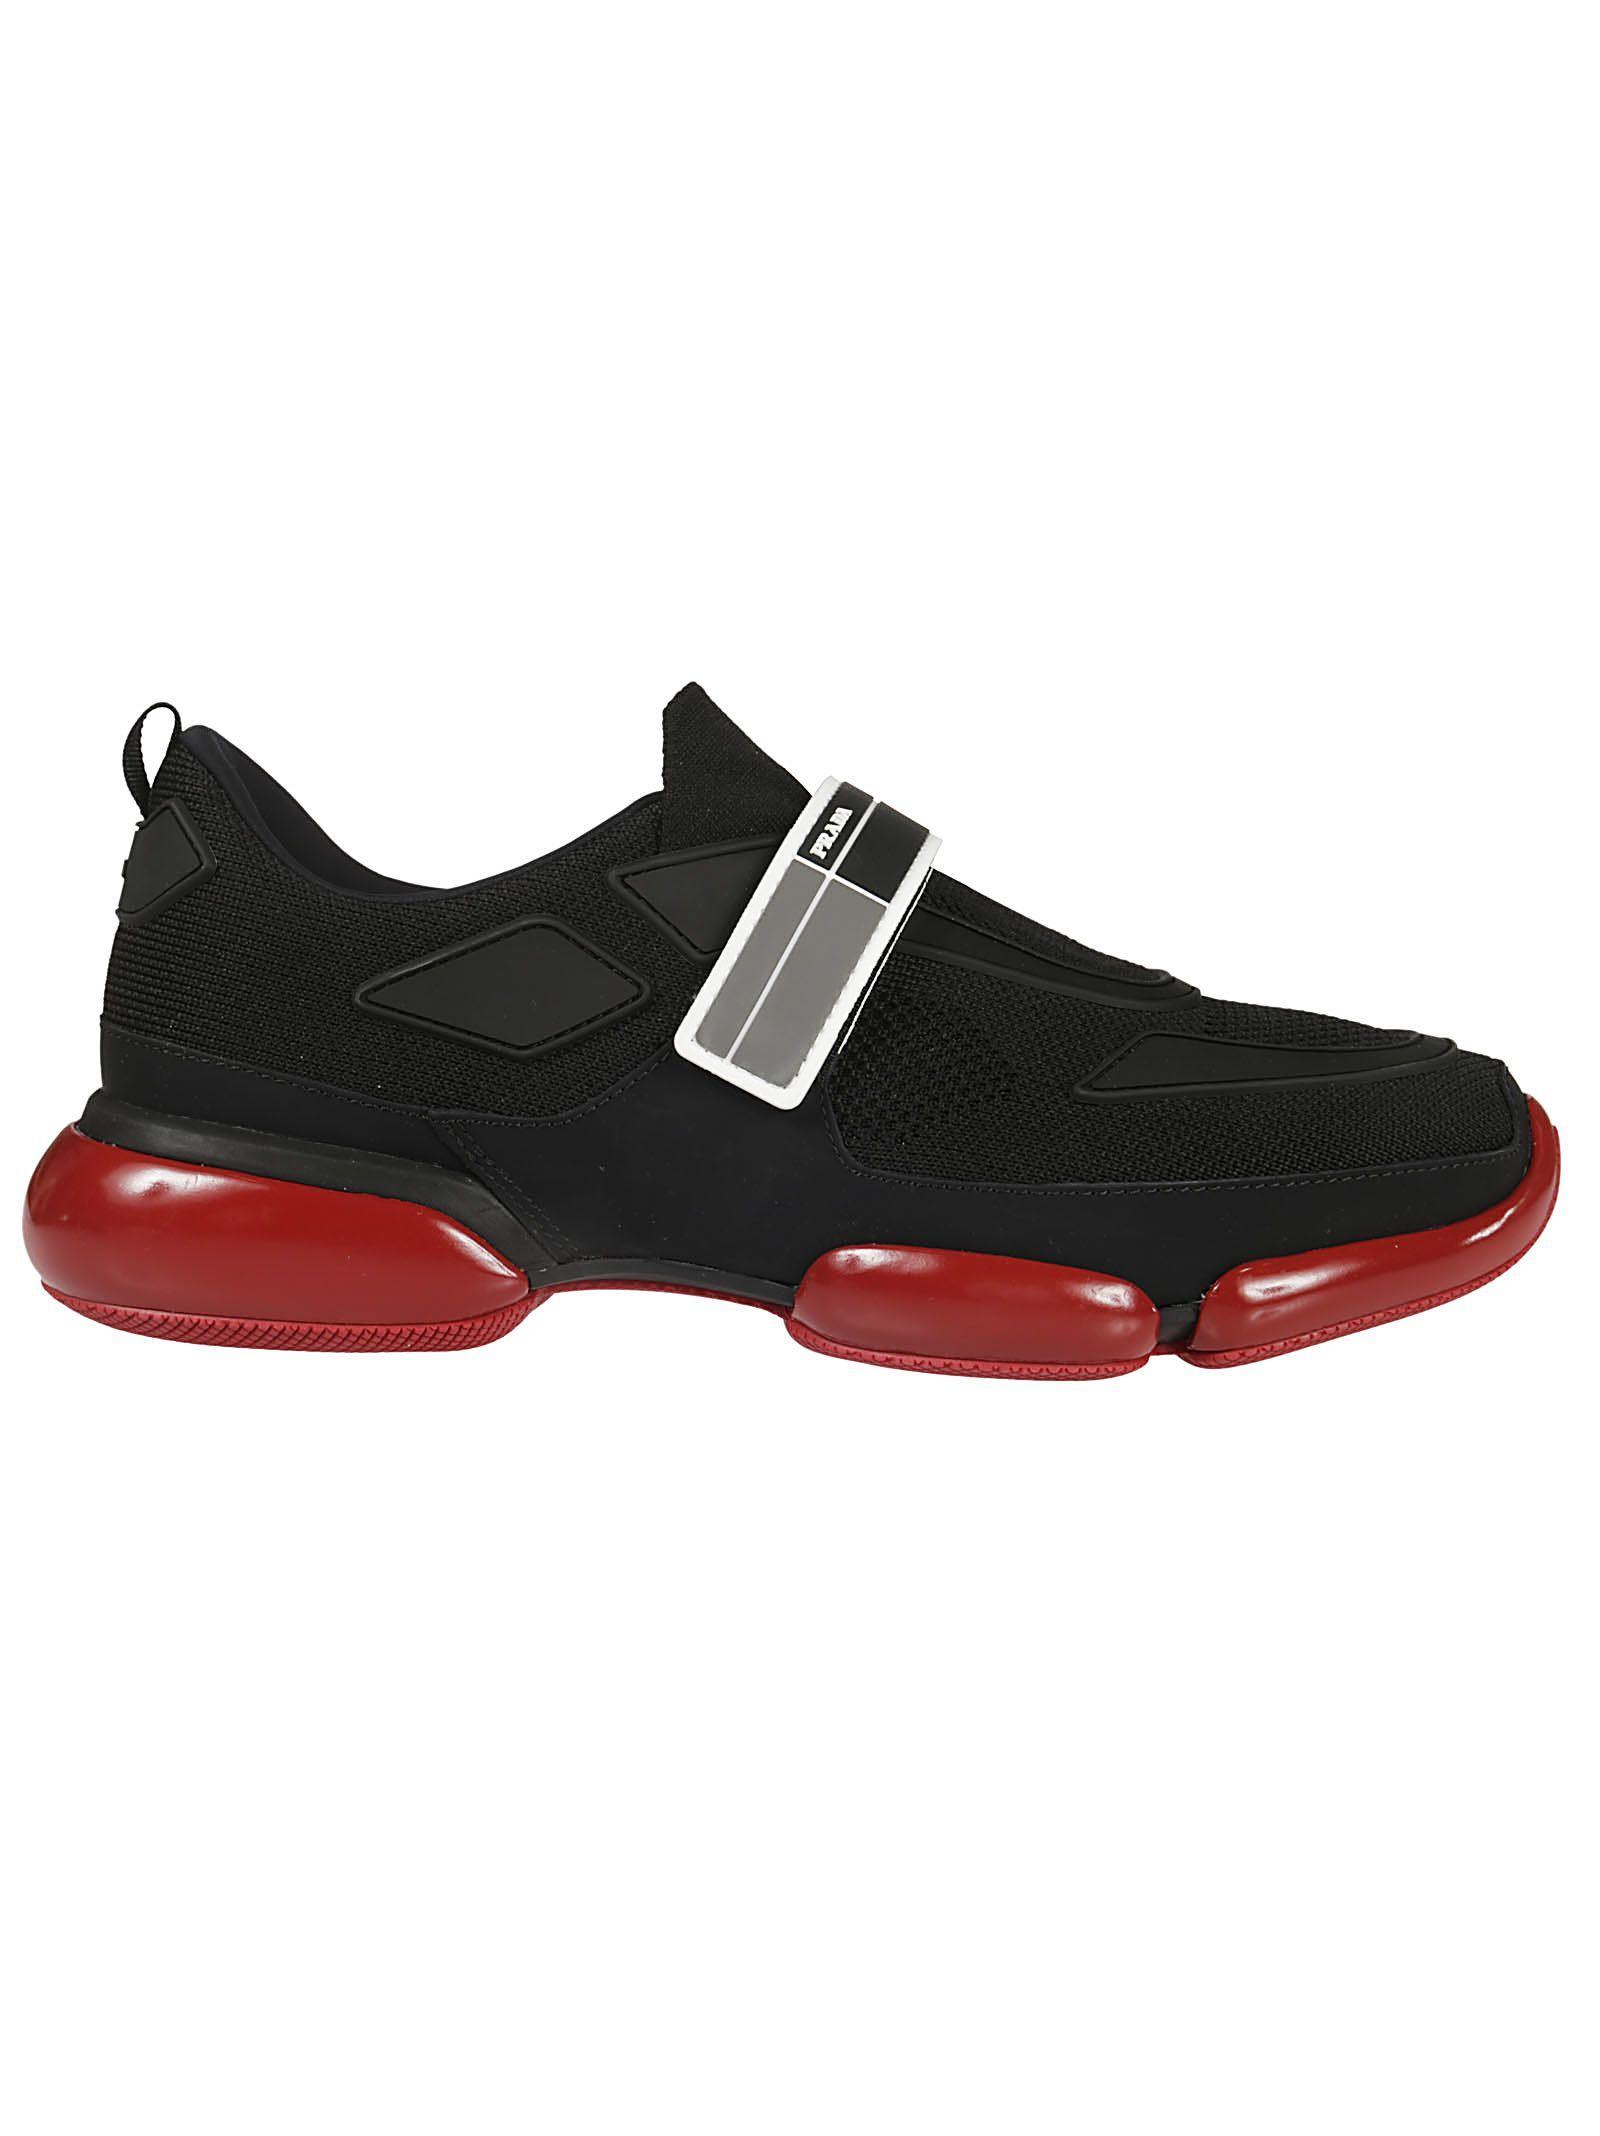 SNEAKERS. #prada #shoes #   Prada